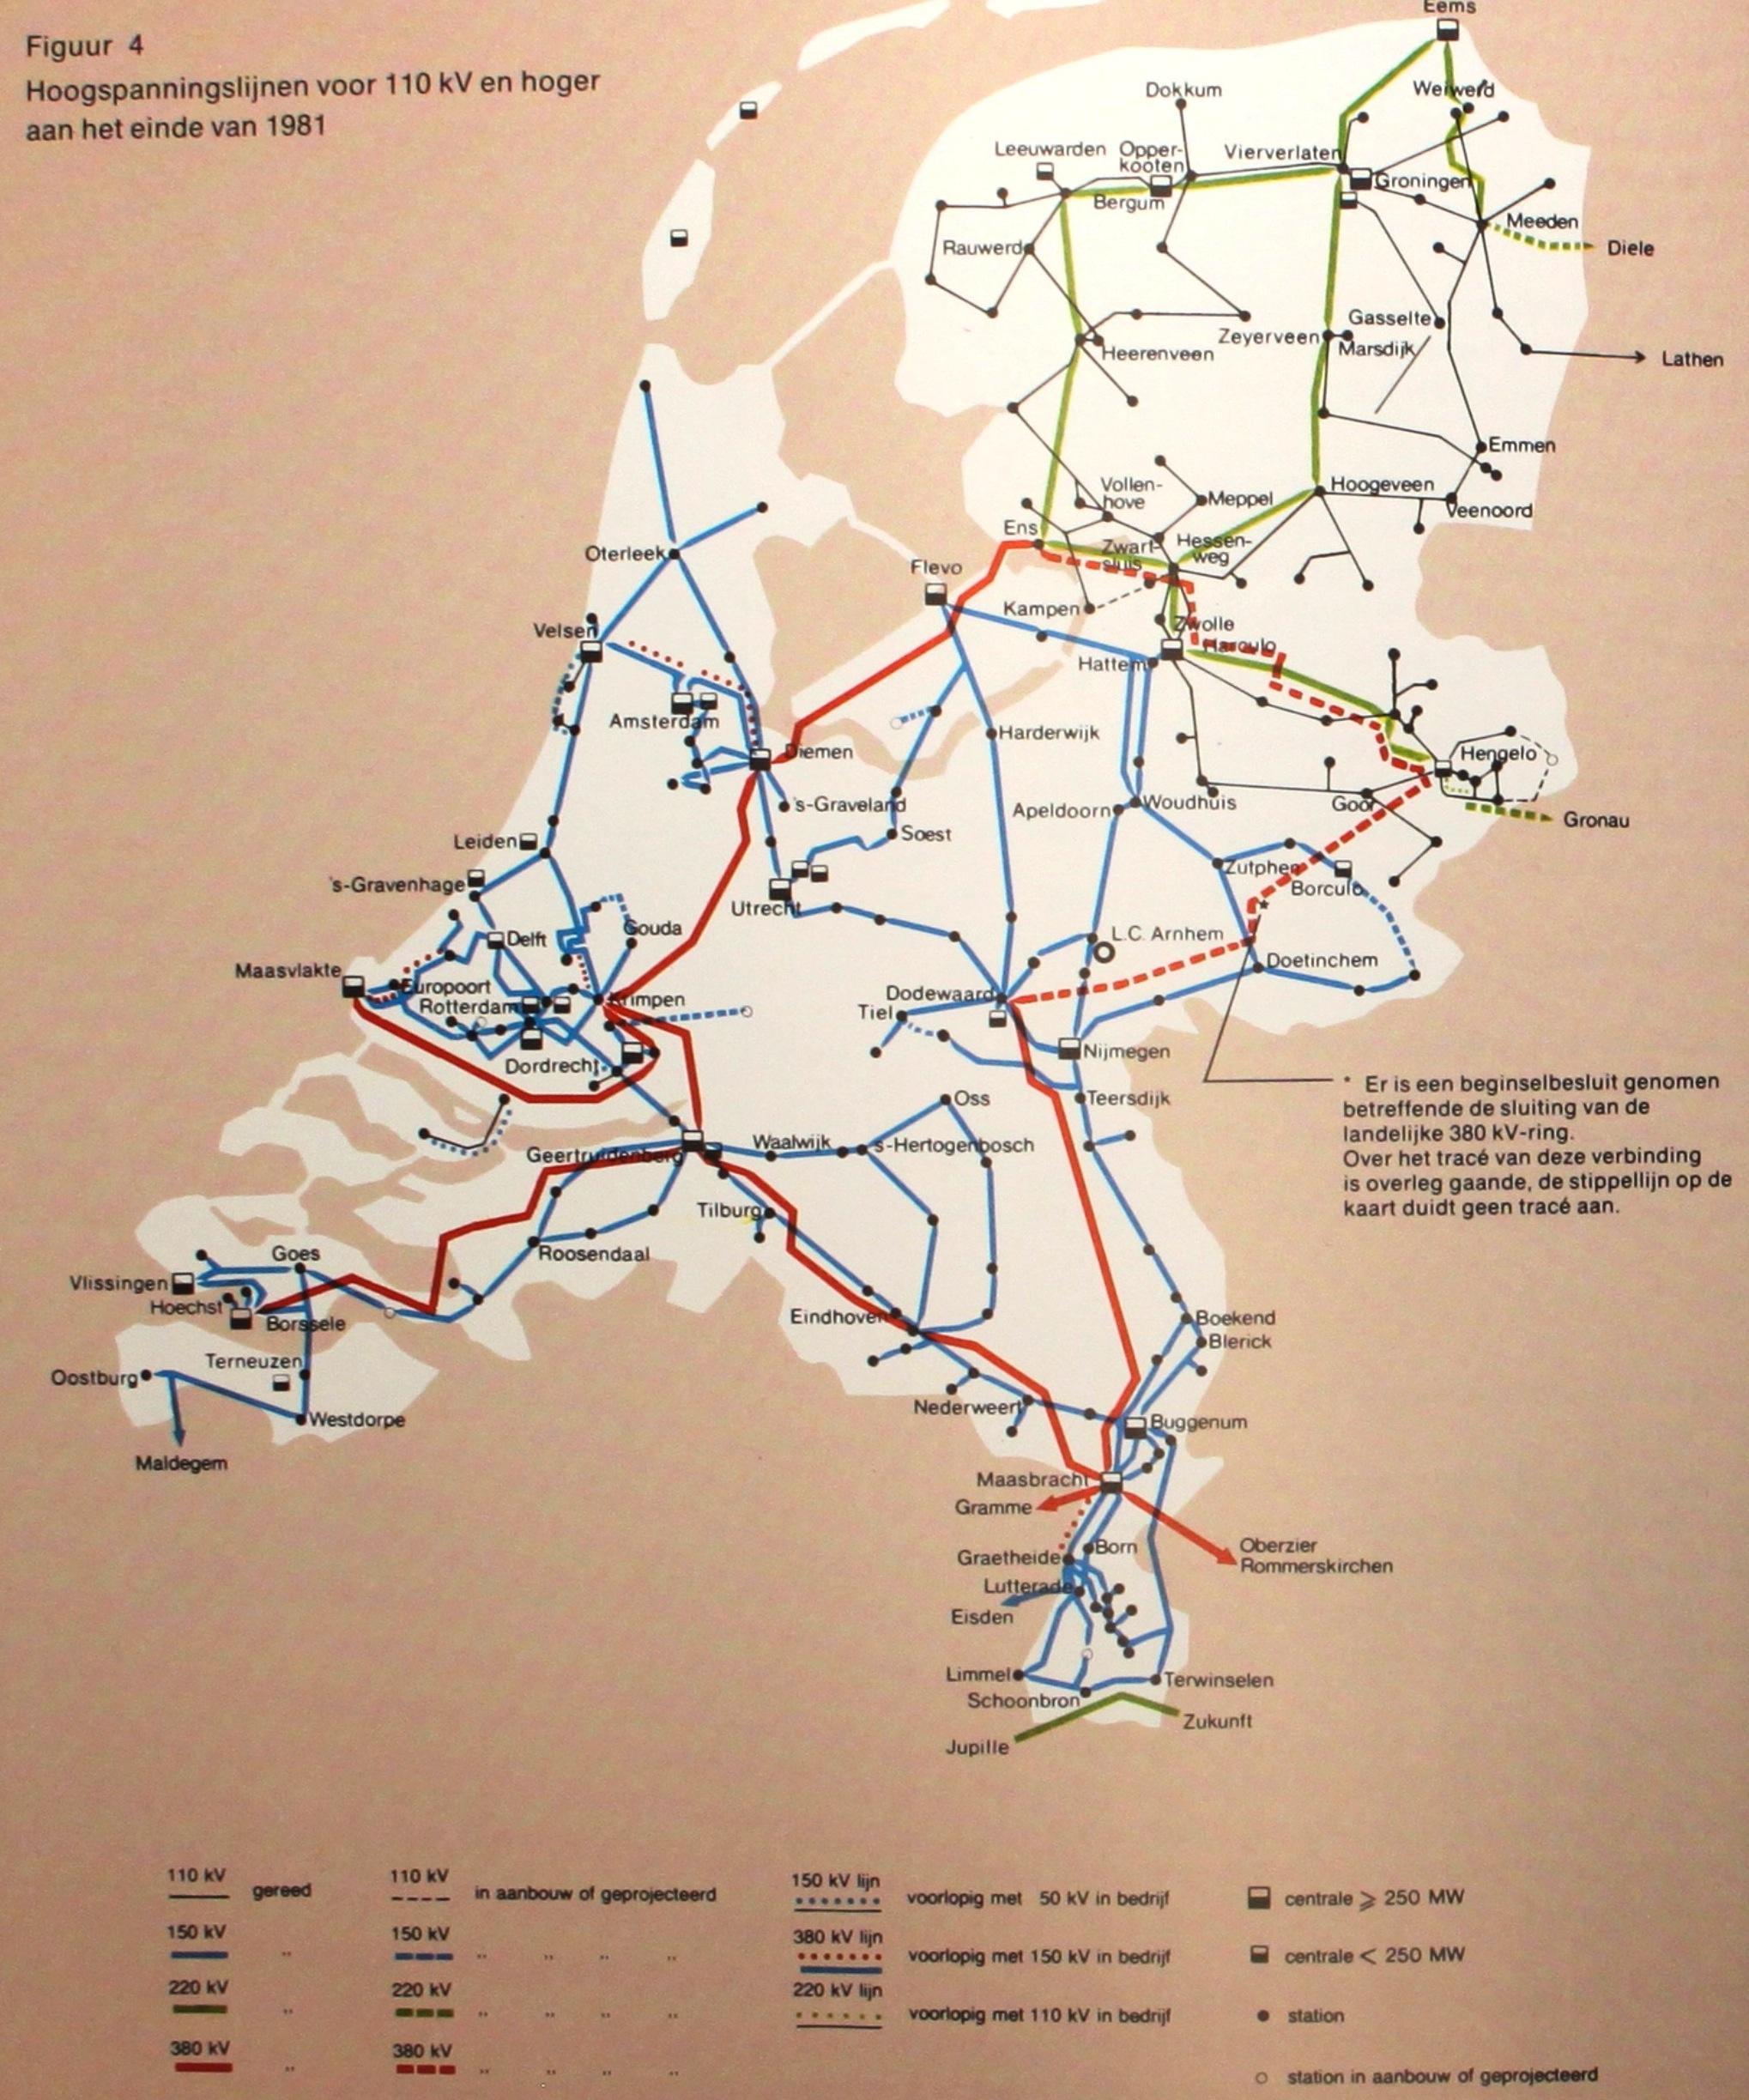 Netkaart van 1981